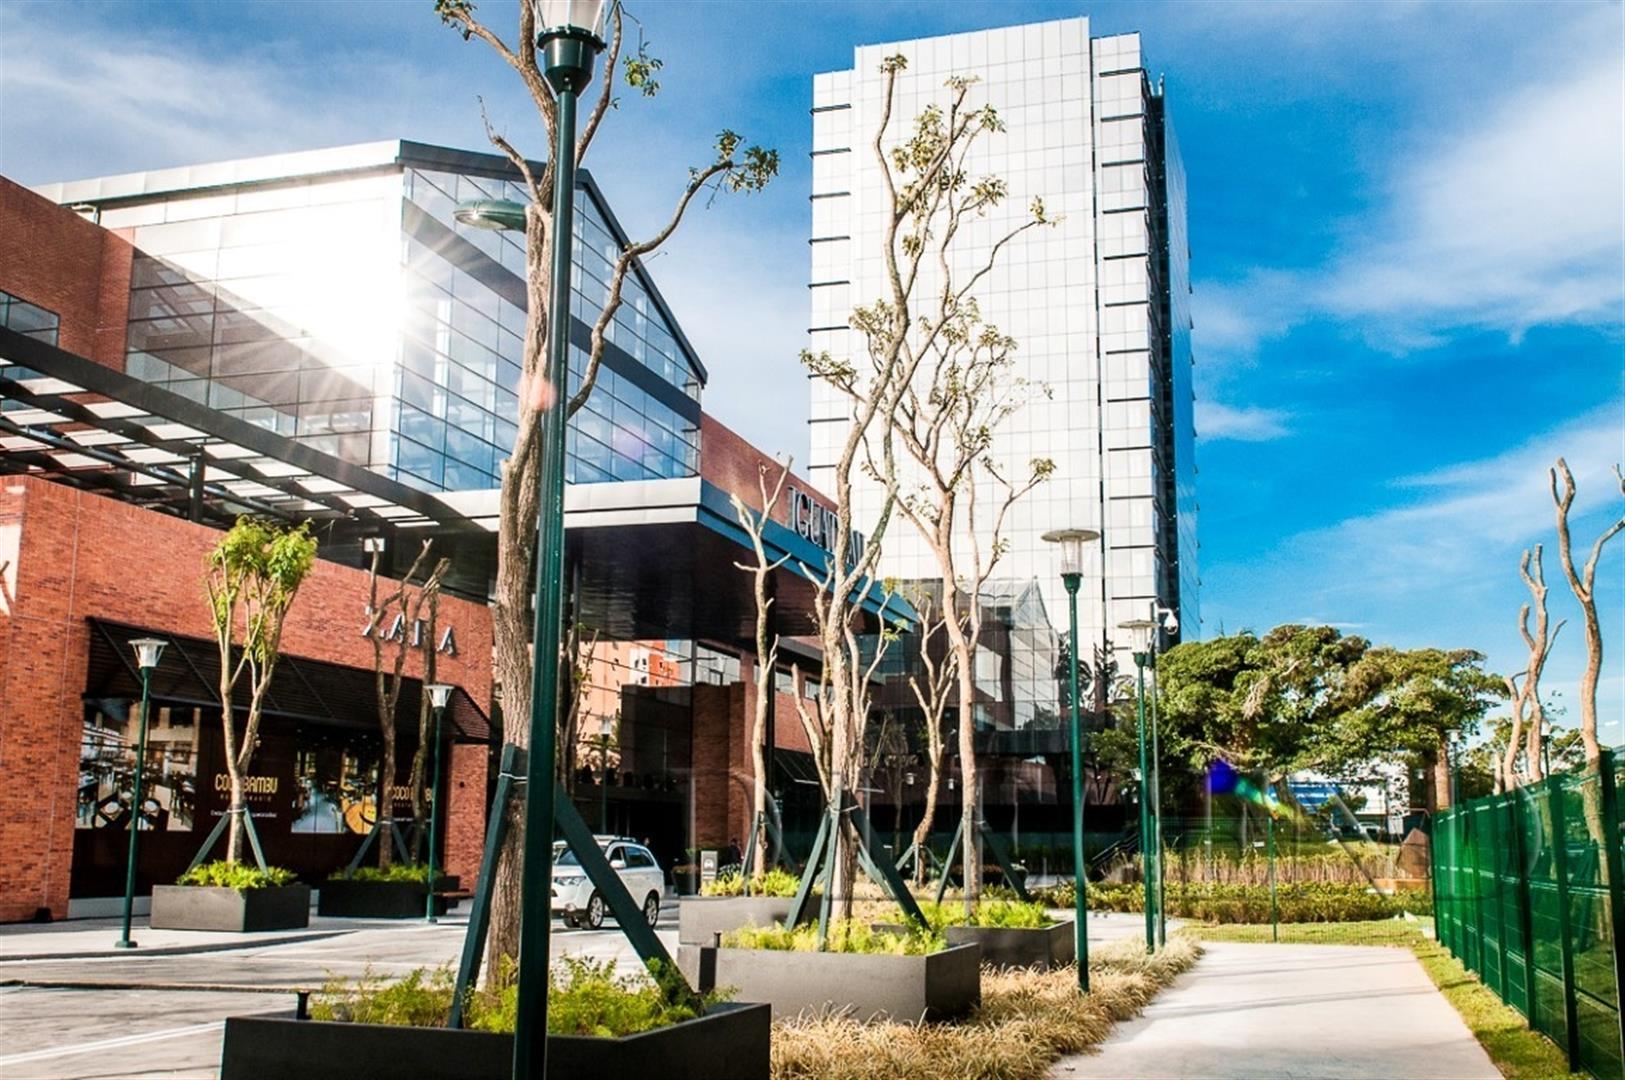 Shopping Iguatemi conjuntos - Avenida Doutor Nilo Pecanha, 2900 - Bela Vista - Porto Alegre